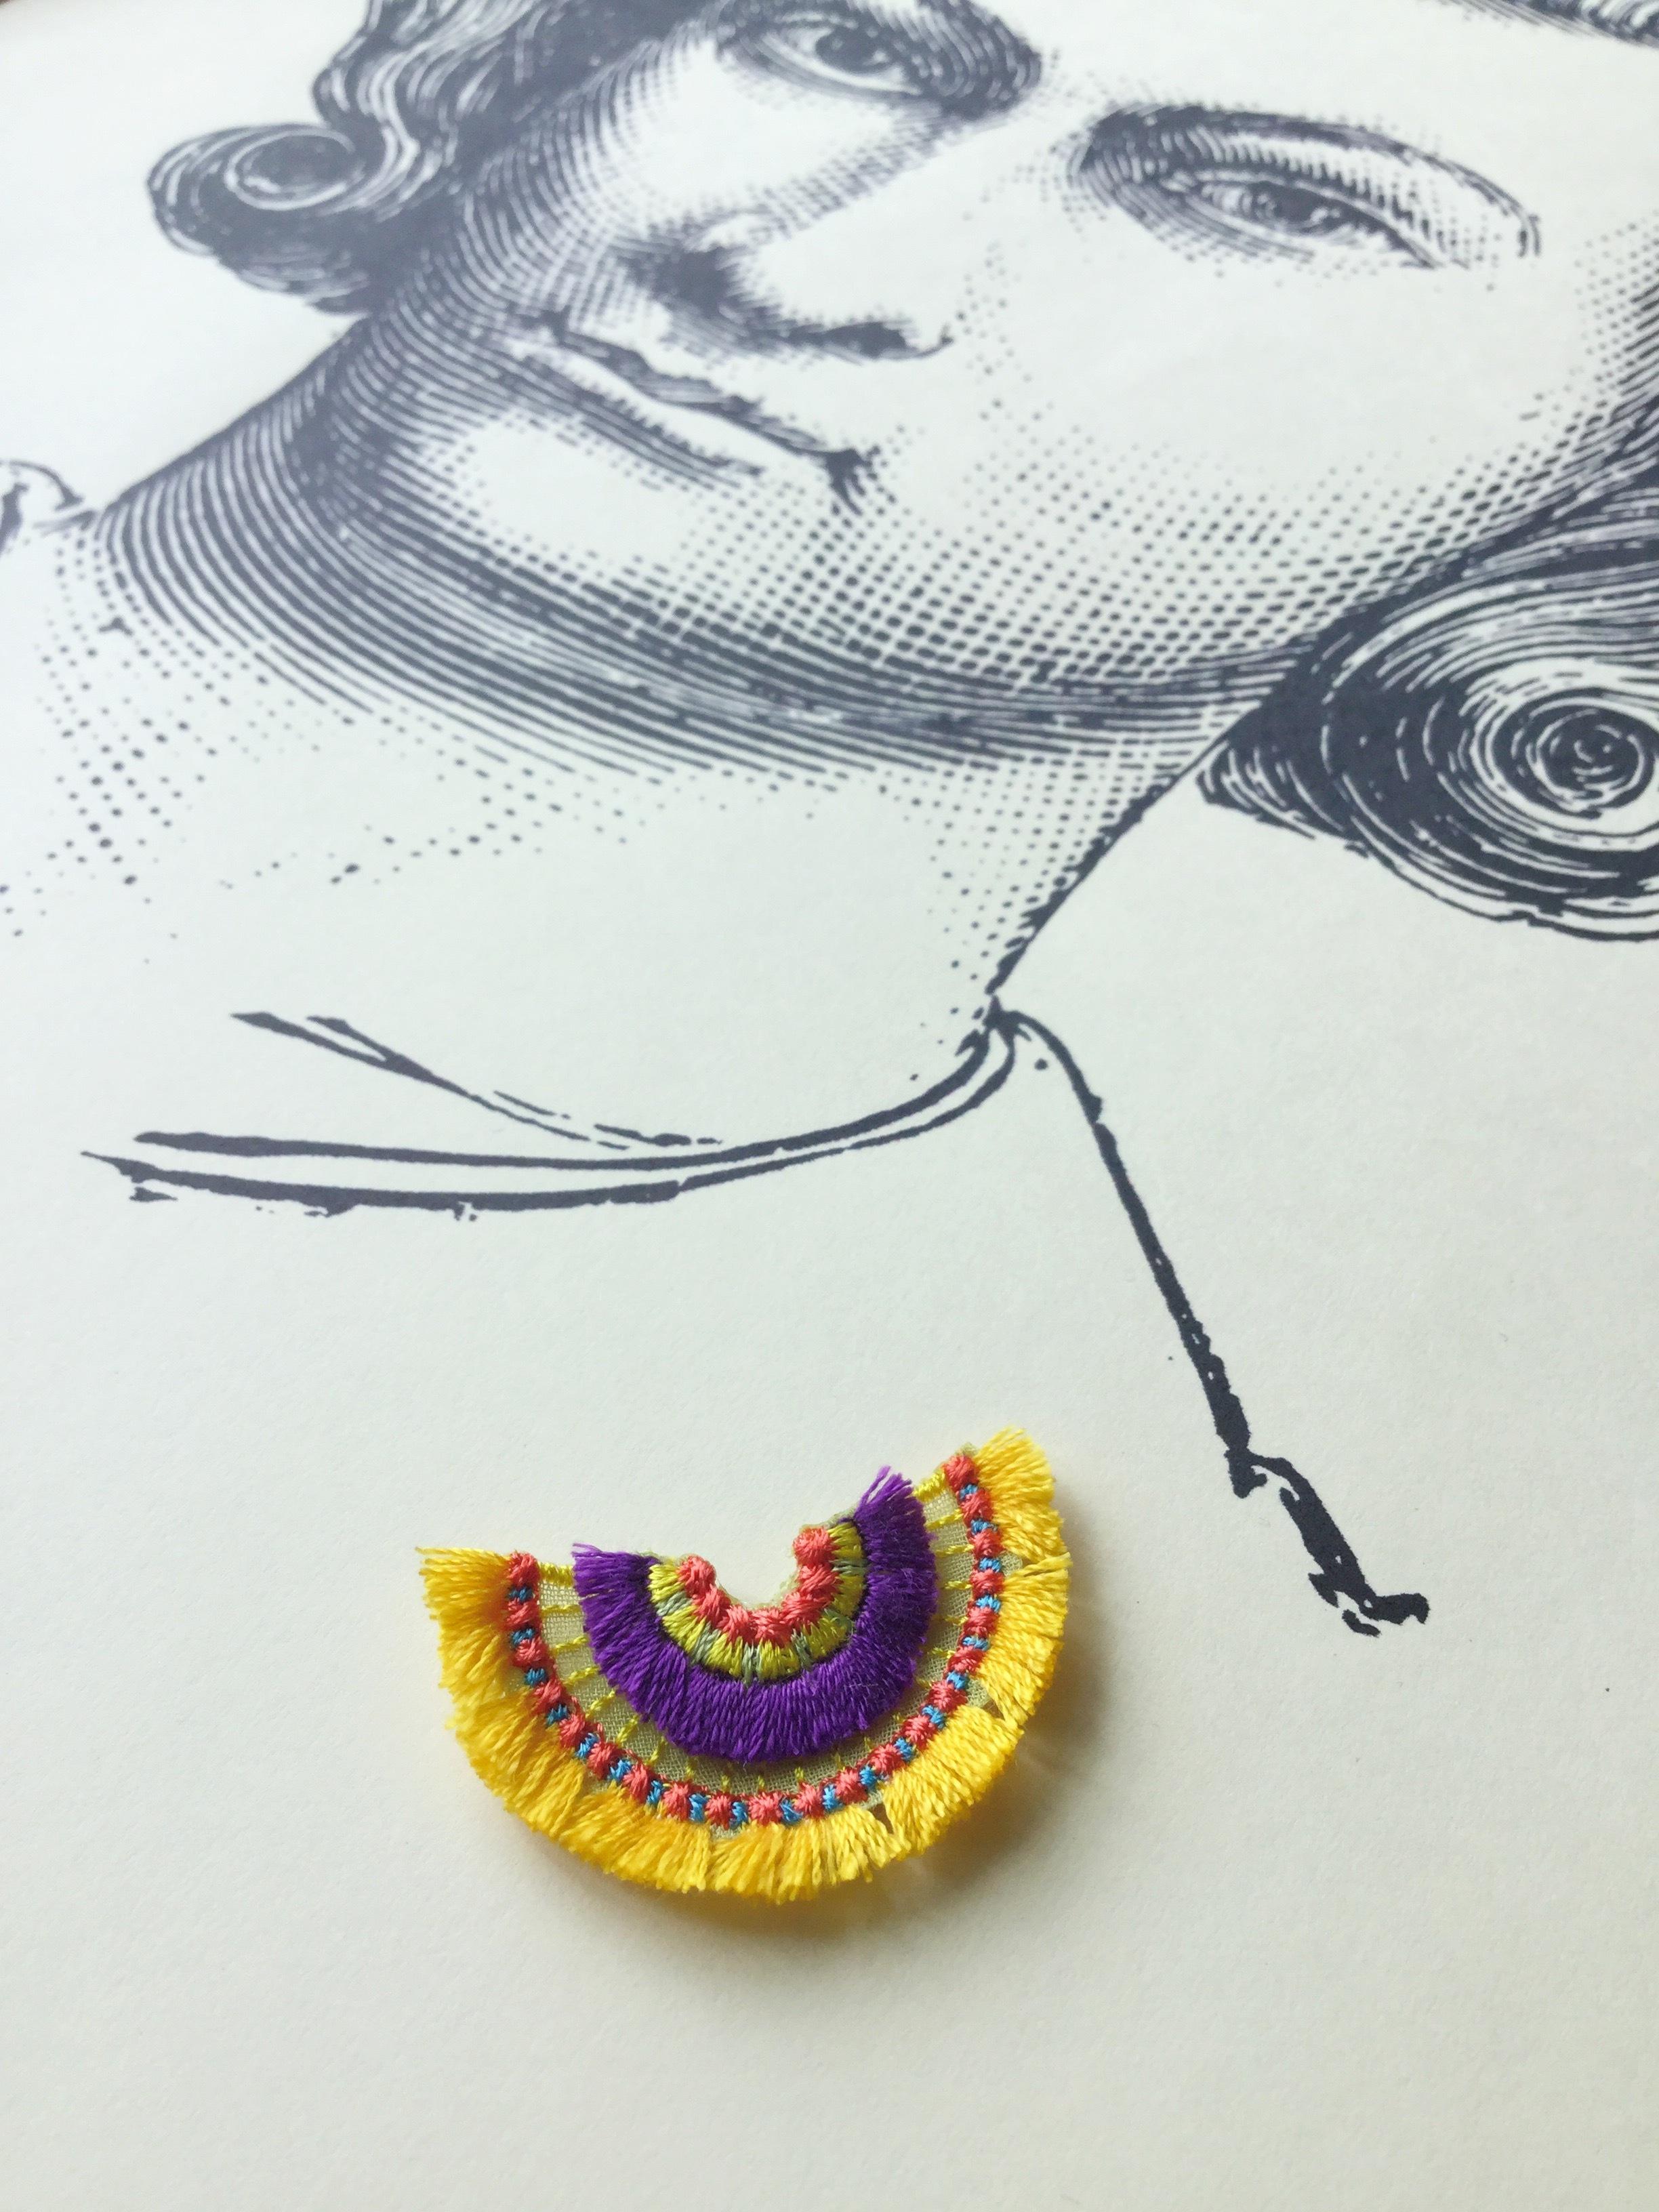 ARRO / 刺繍 ブローチ / bloom / yellow